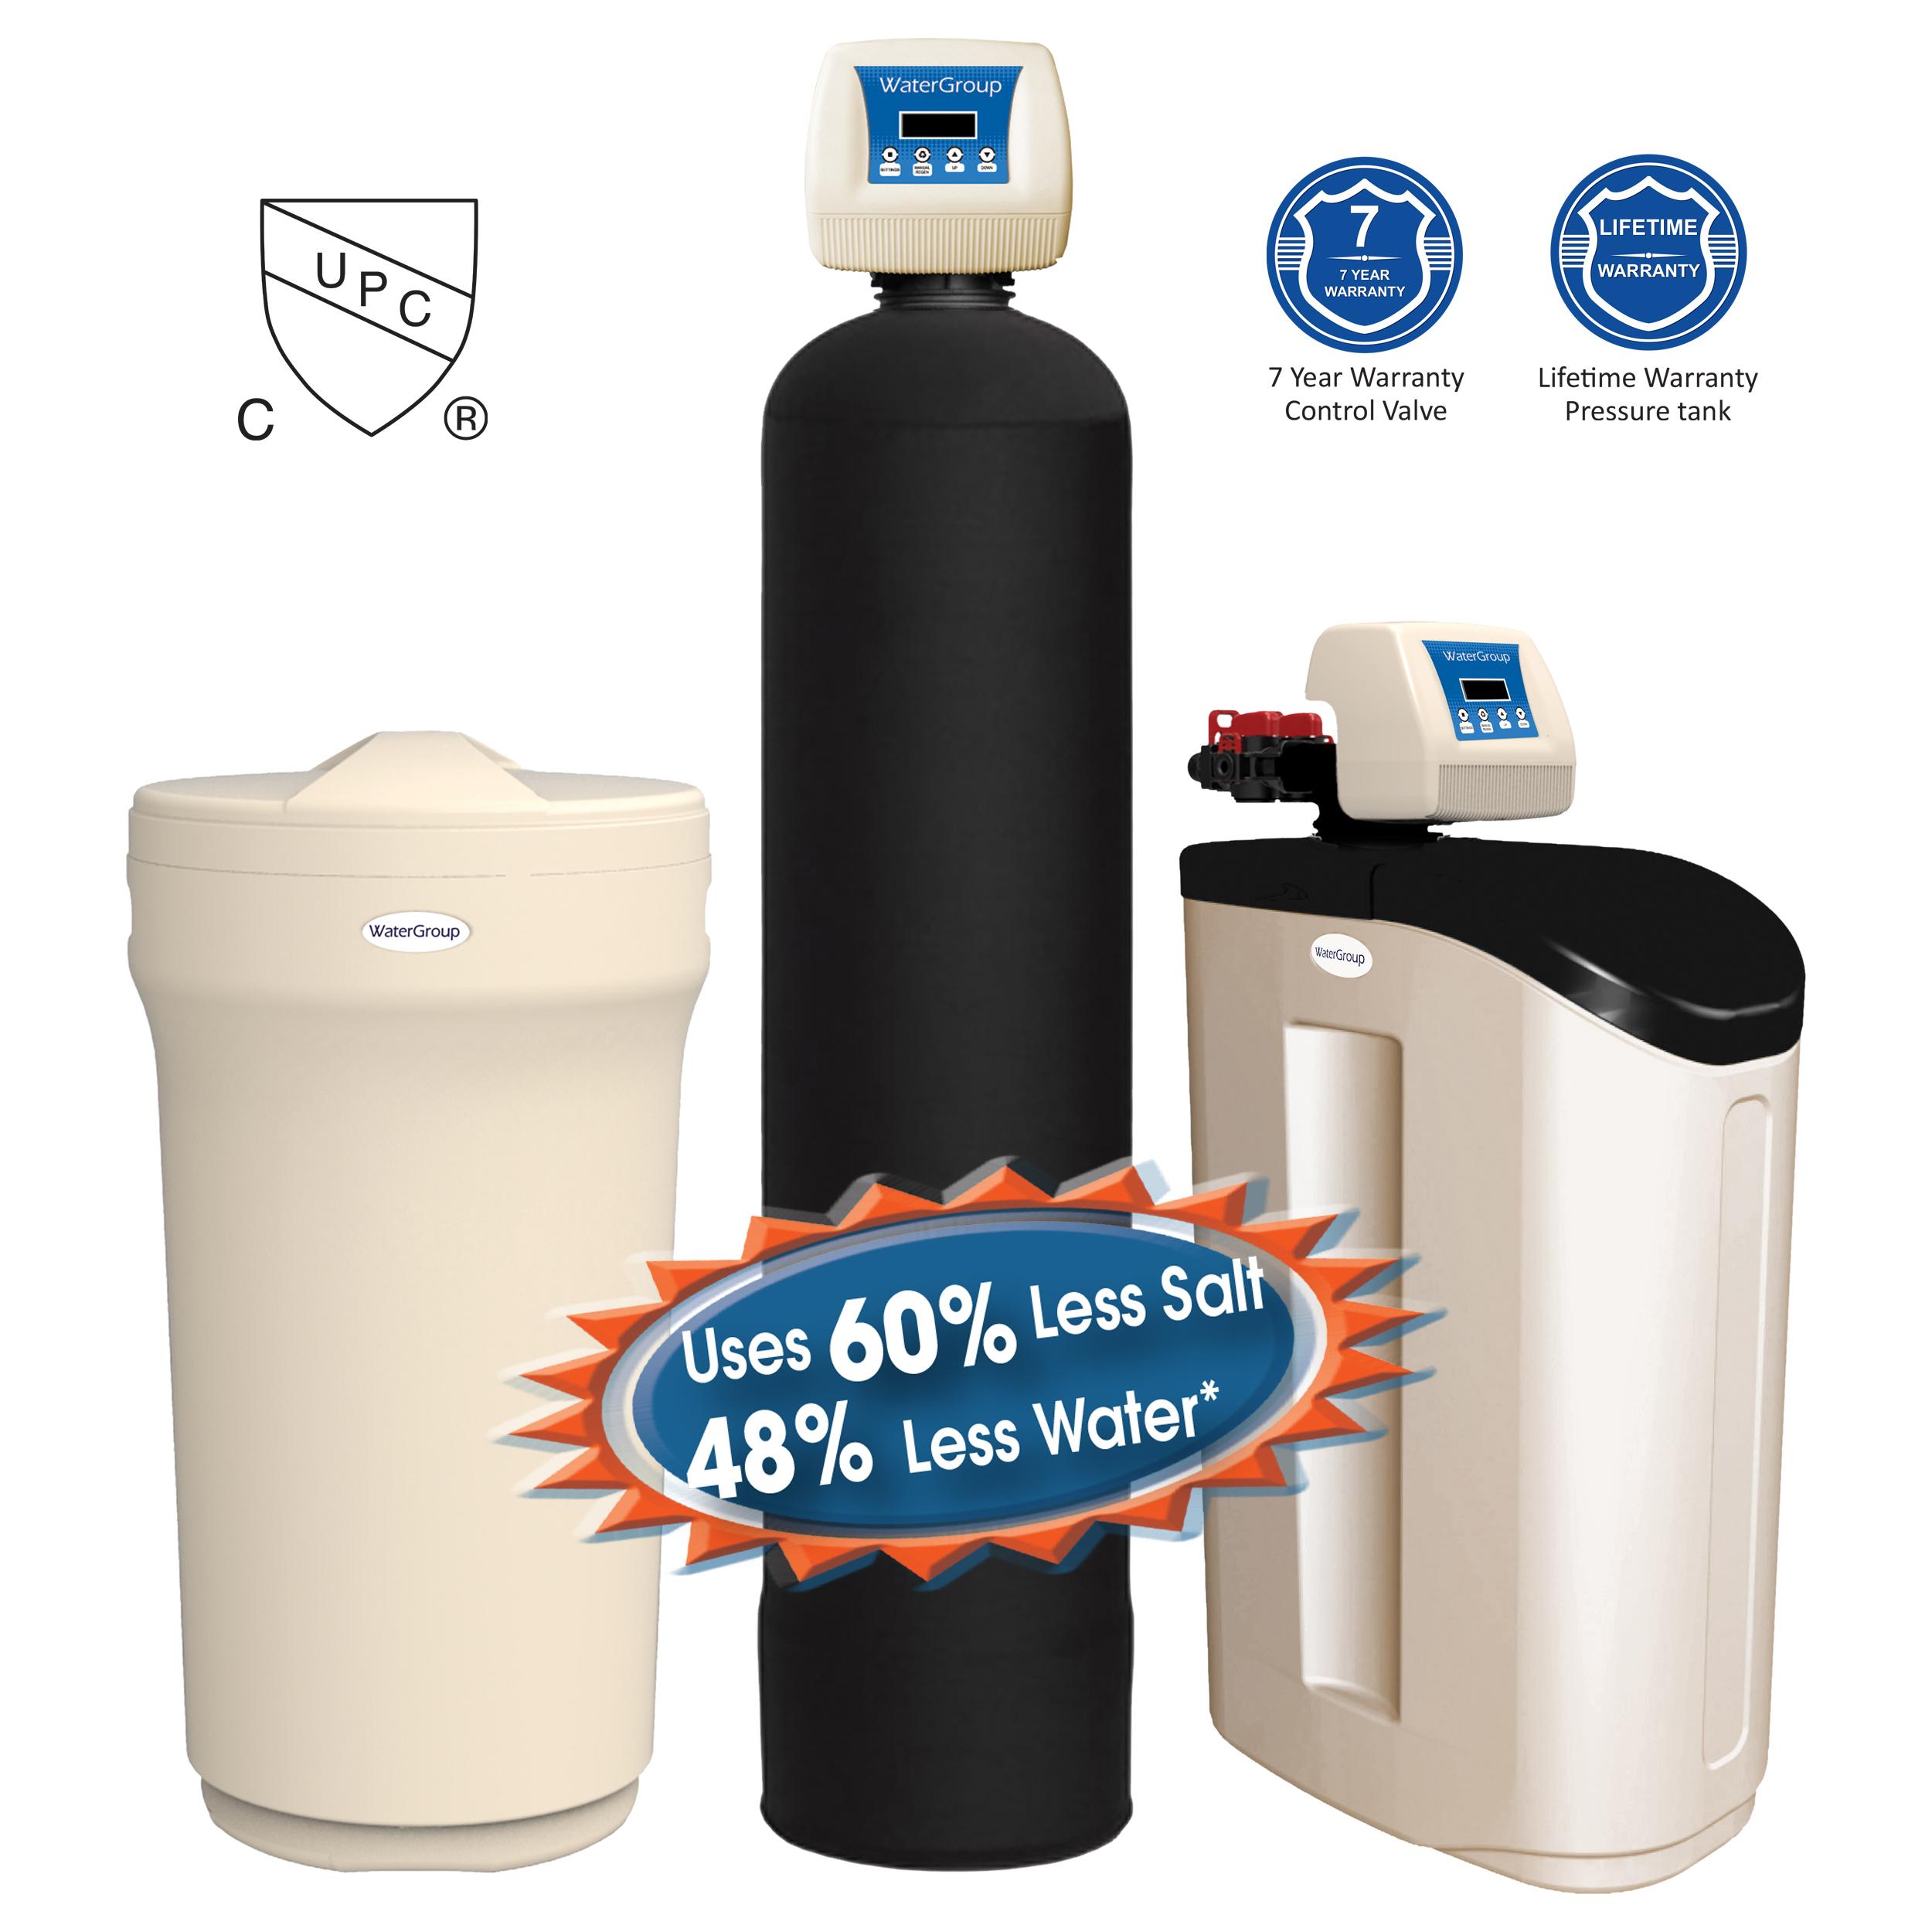 WG185DF Series Water Softener.jpg